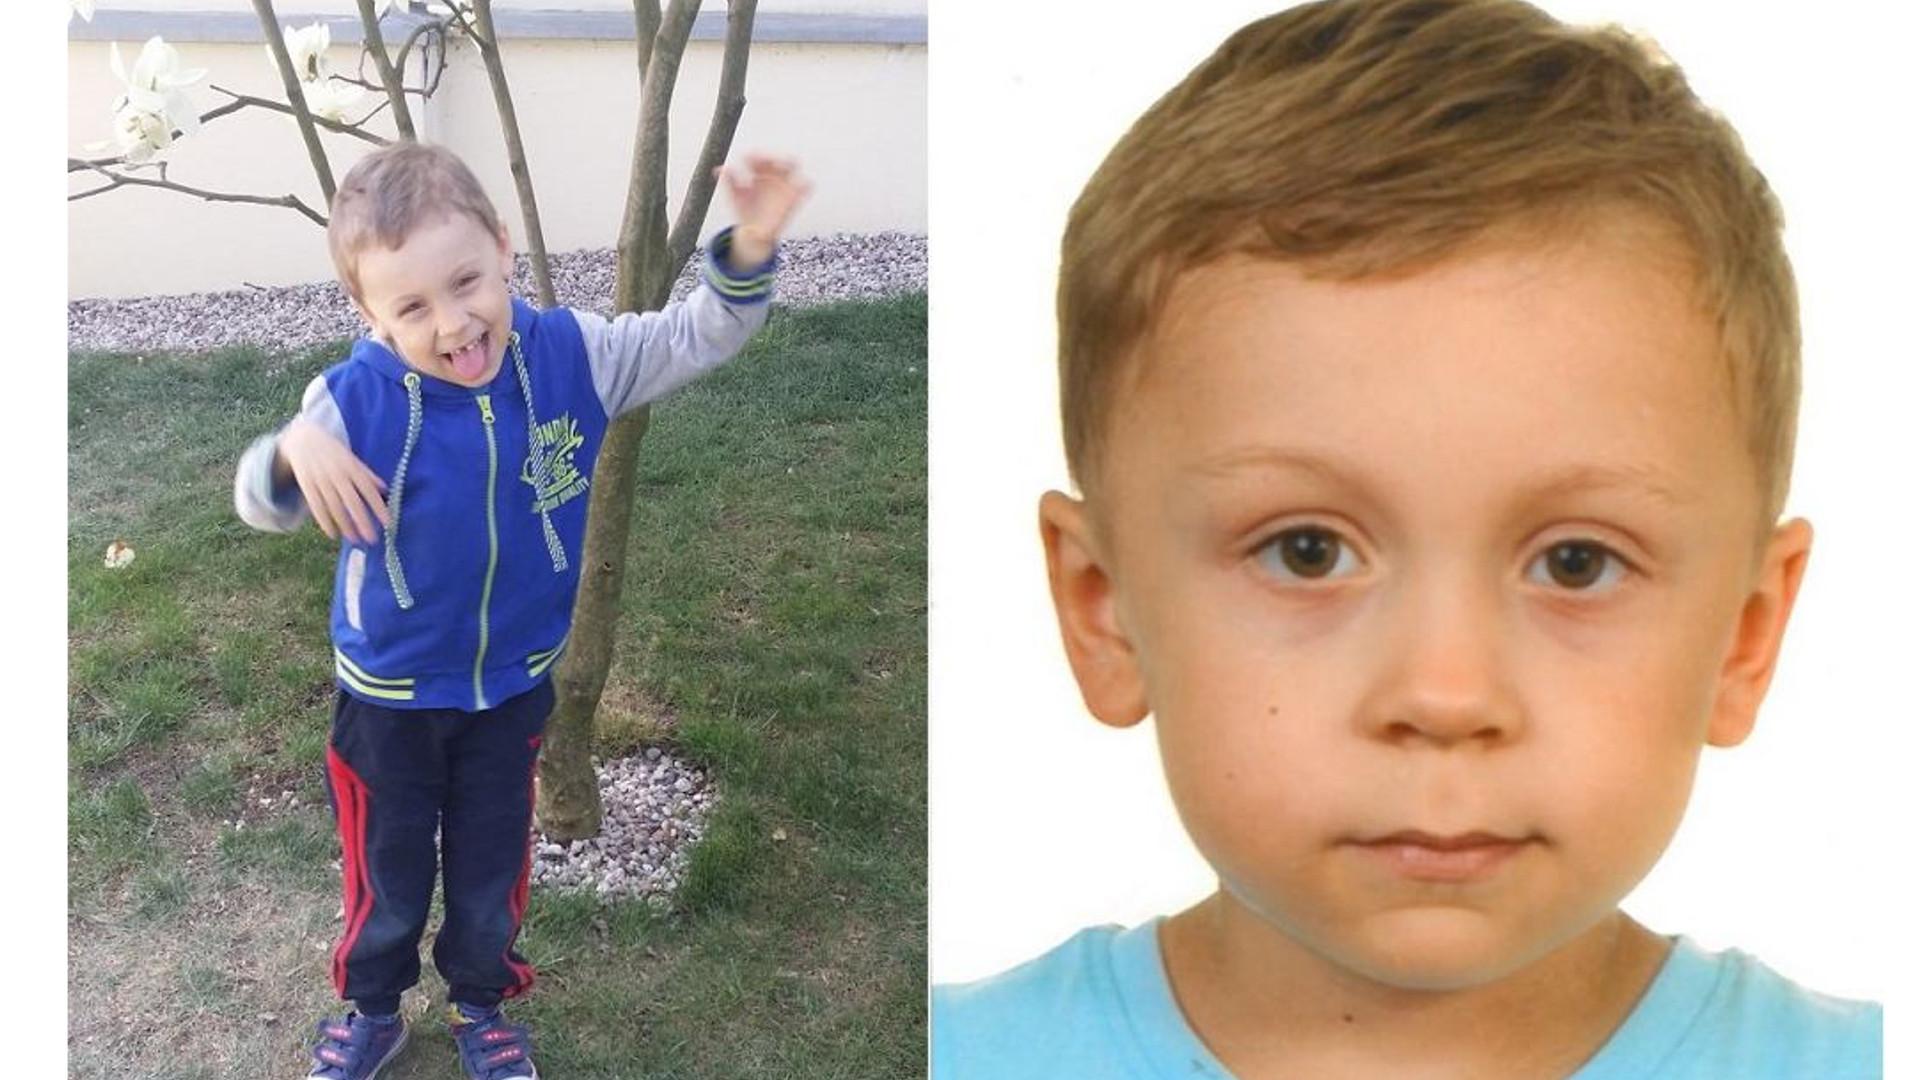 Matka zaginionego Dawida rozmawiała z synkiem przez telefon podczas dramatycznego wieczoru